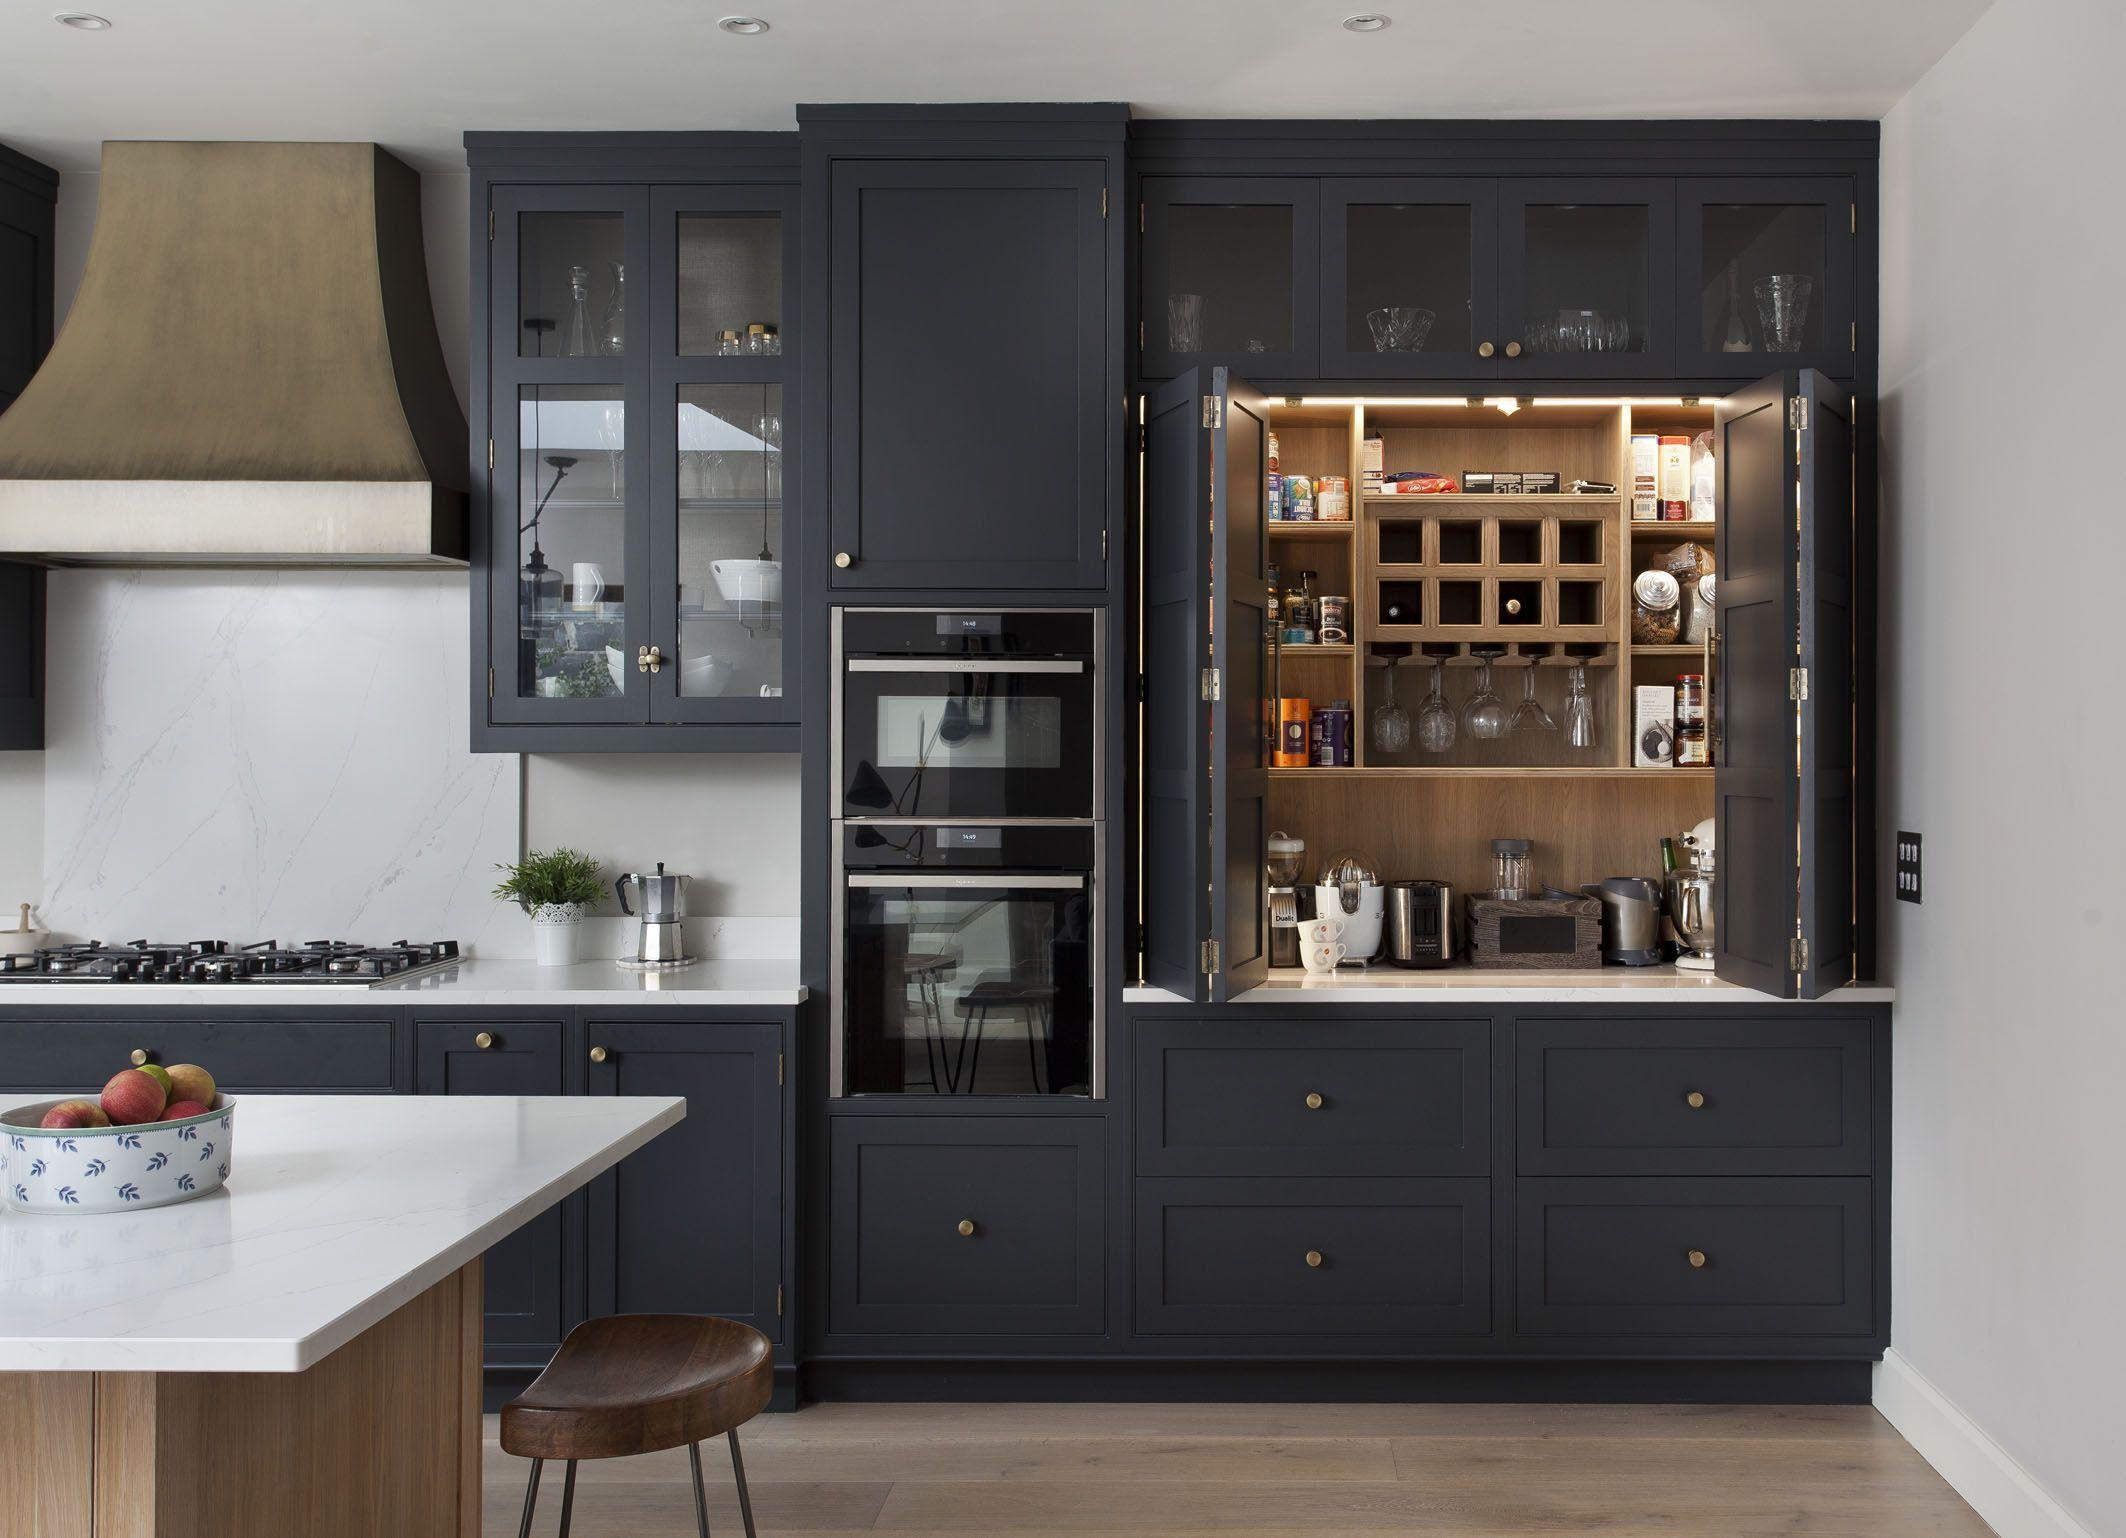 Handpainted kitchen Kitchen, Kitchen collection, Coffee